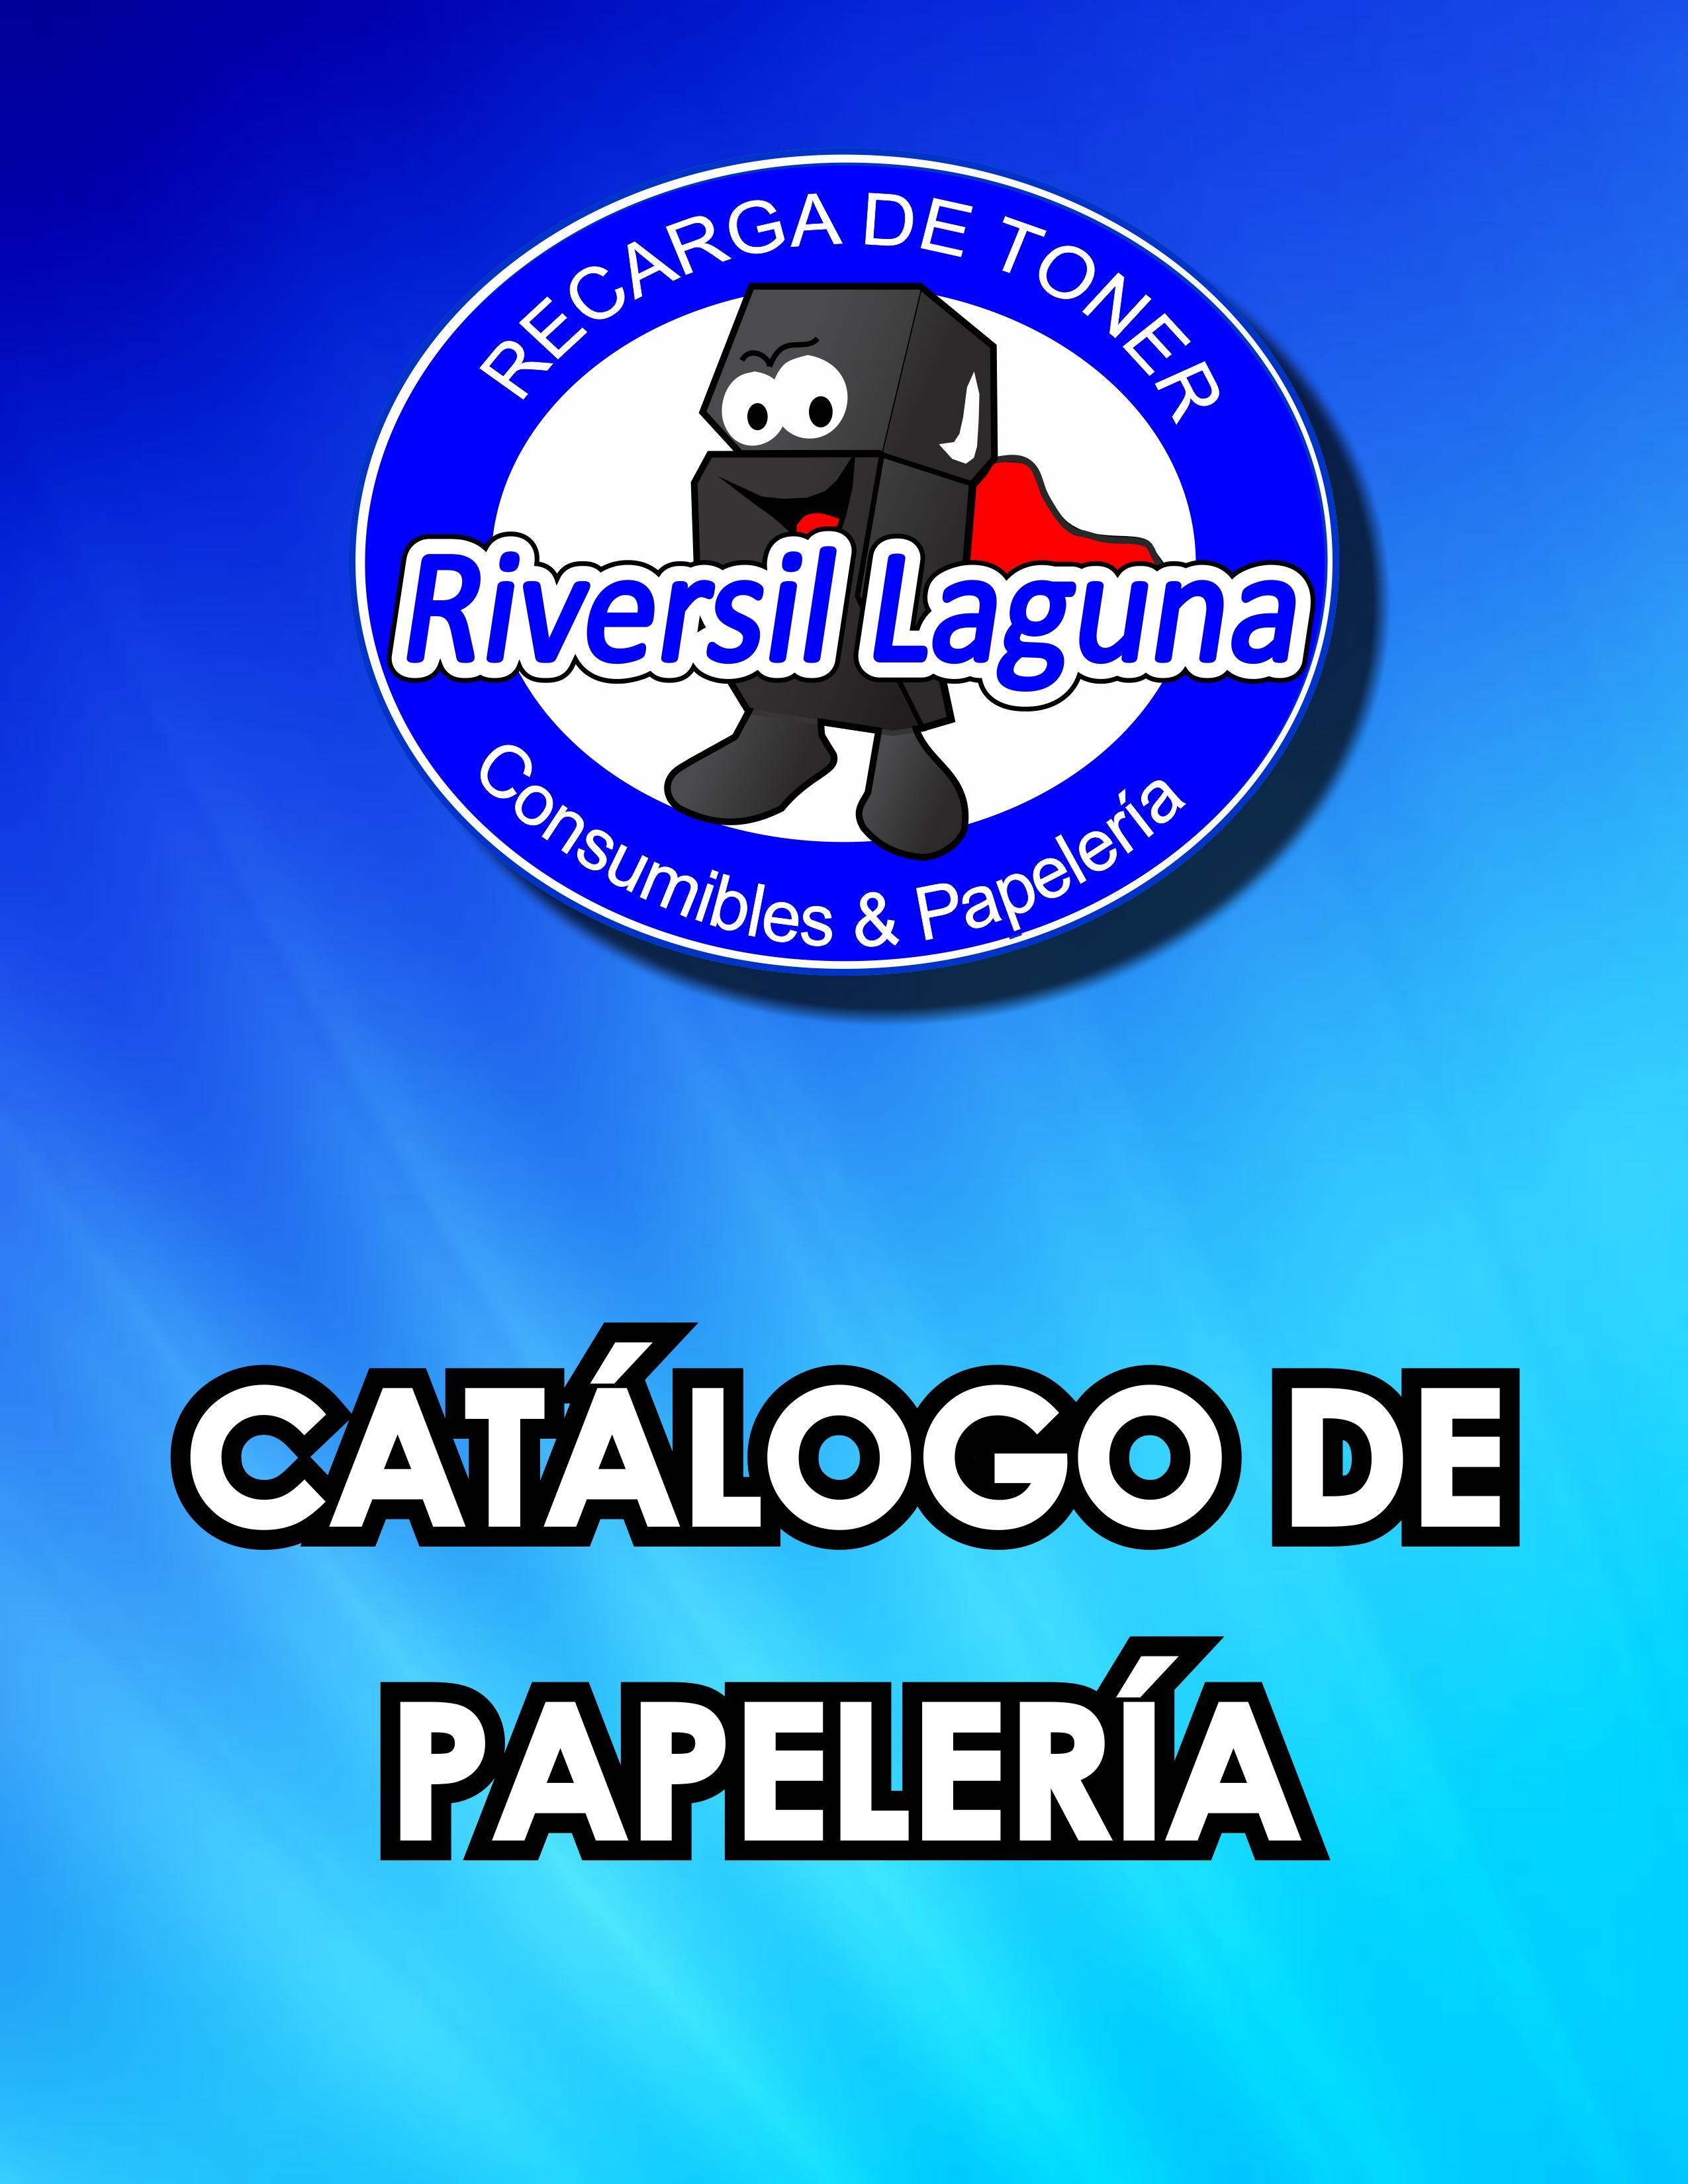 Catálogo de Papelería